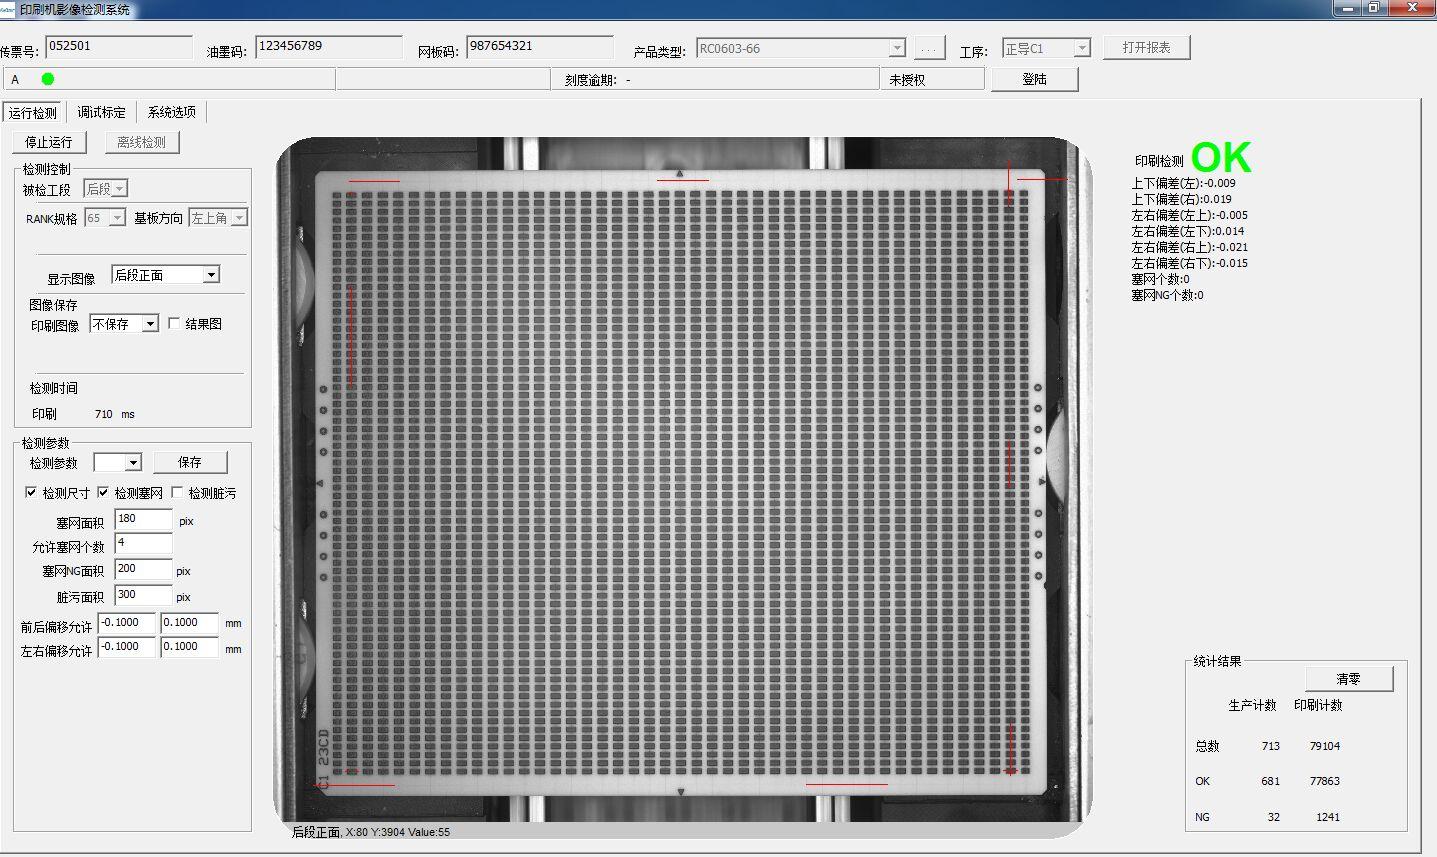 印刷机后段CCD外观检测模块